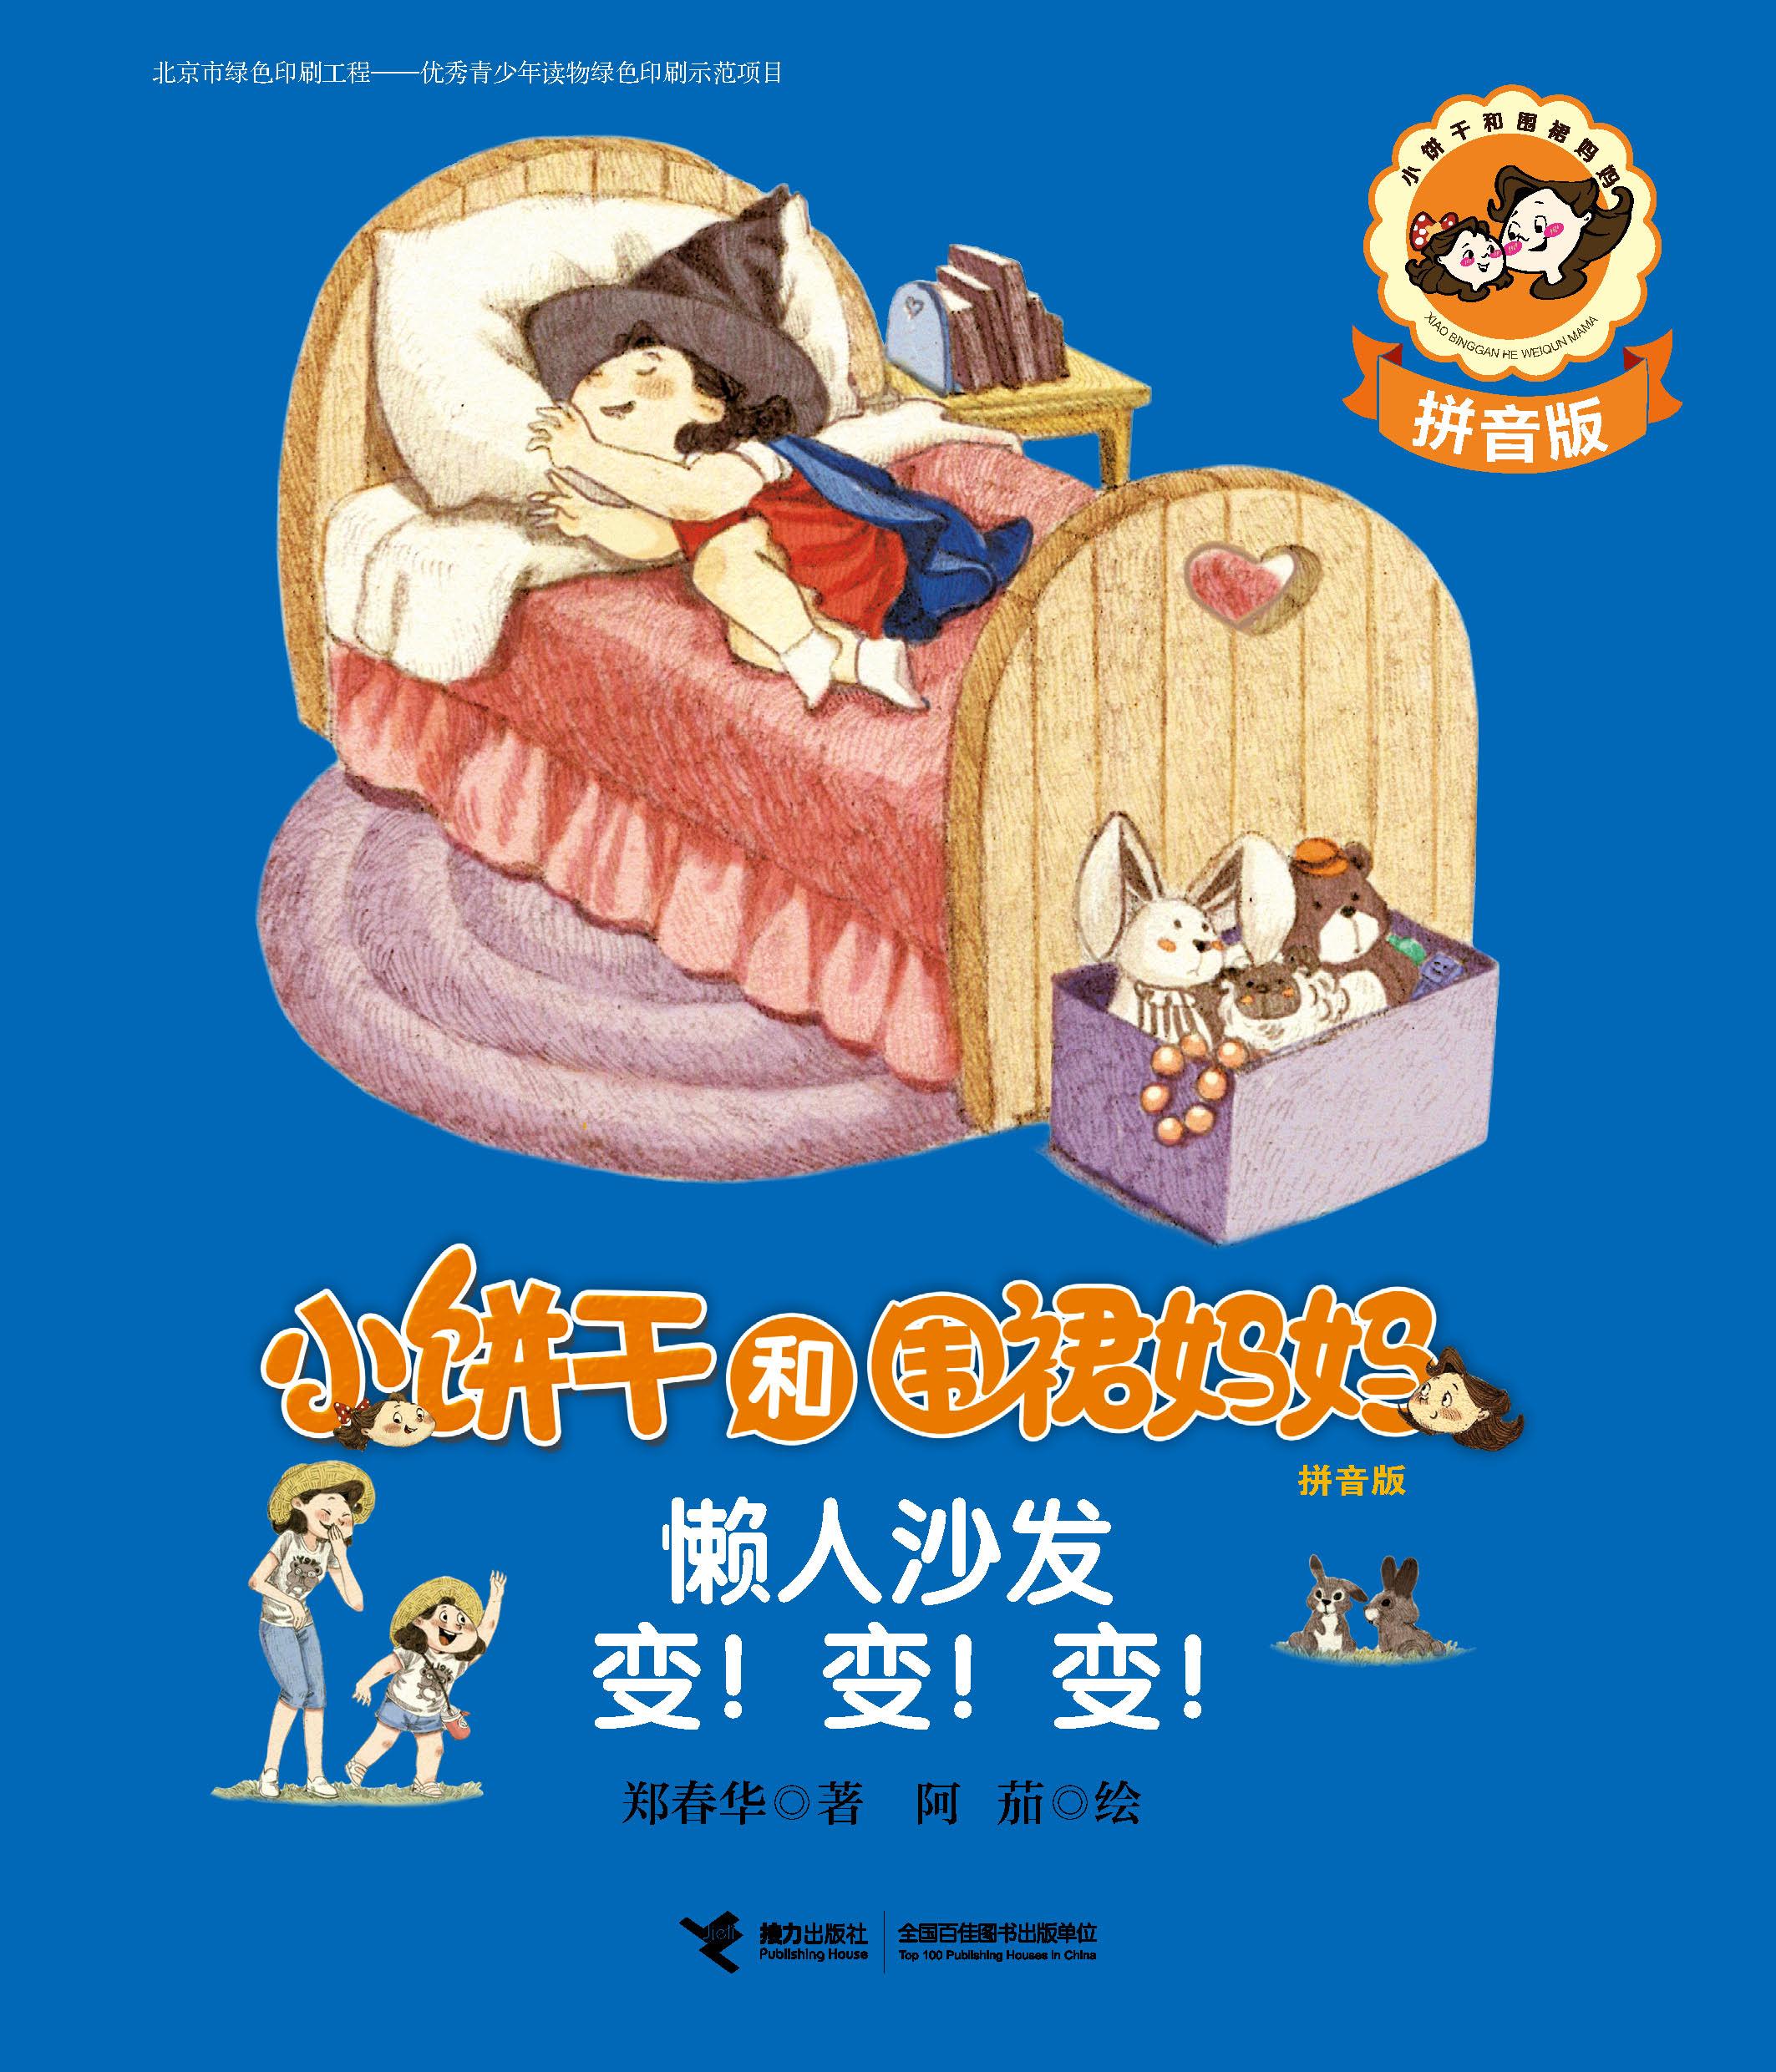 小饼干和围裙妈妈:拼音版:懒人沙发变!变!变!